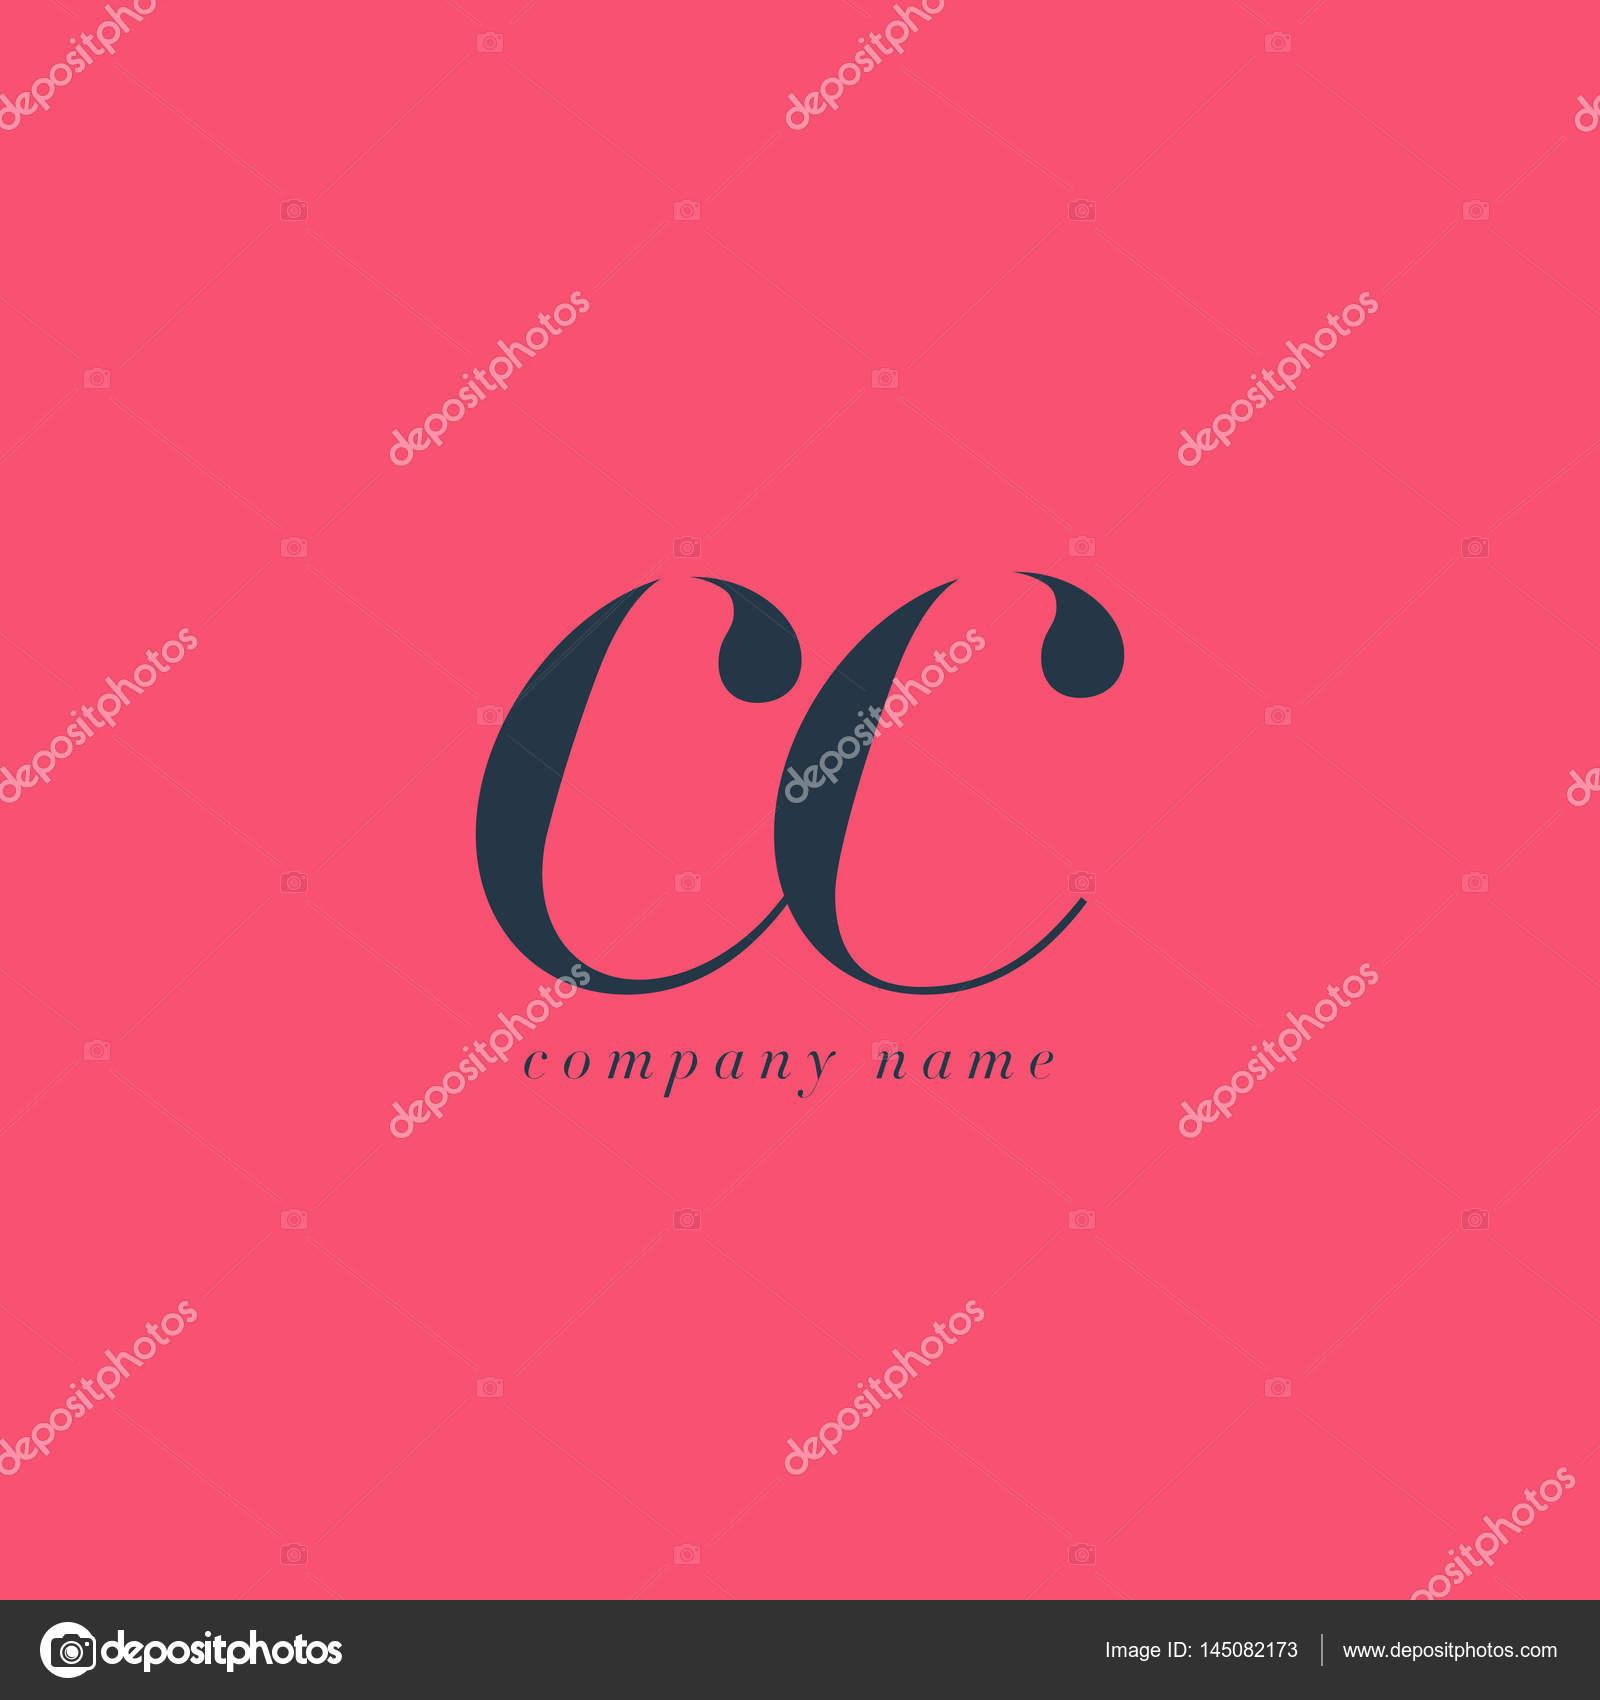 Vecteur De Logo Modele Carte Visite Lettres Communes CC Italique Par Brainbistro